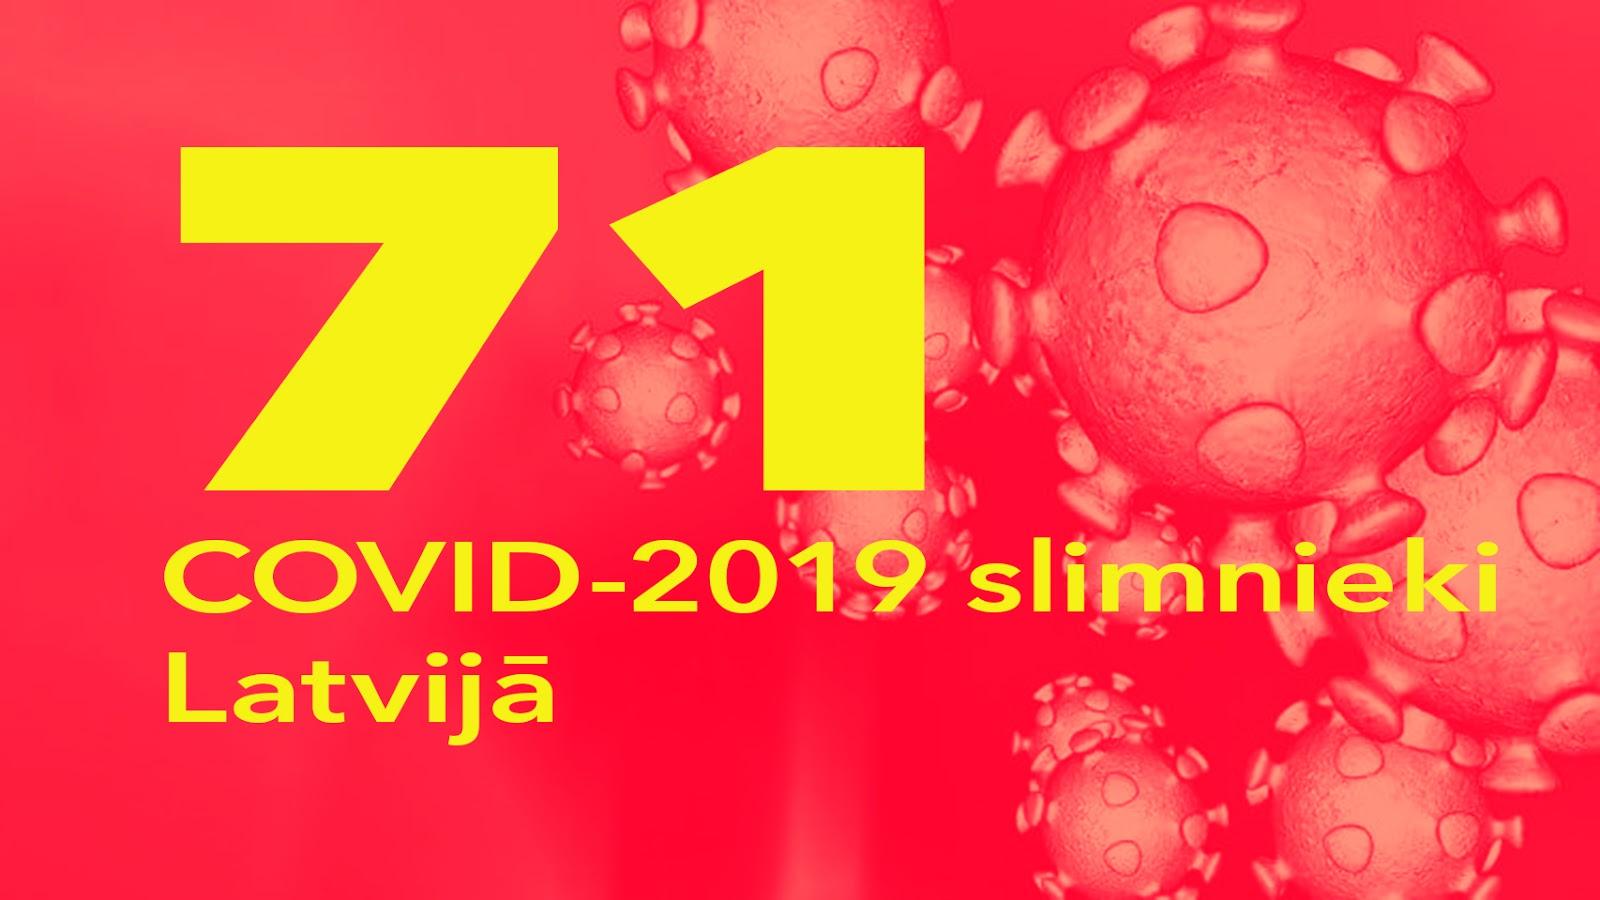 Koronavīrusa saslimušo skaits Latvijā 18.03.2020.